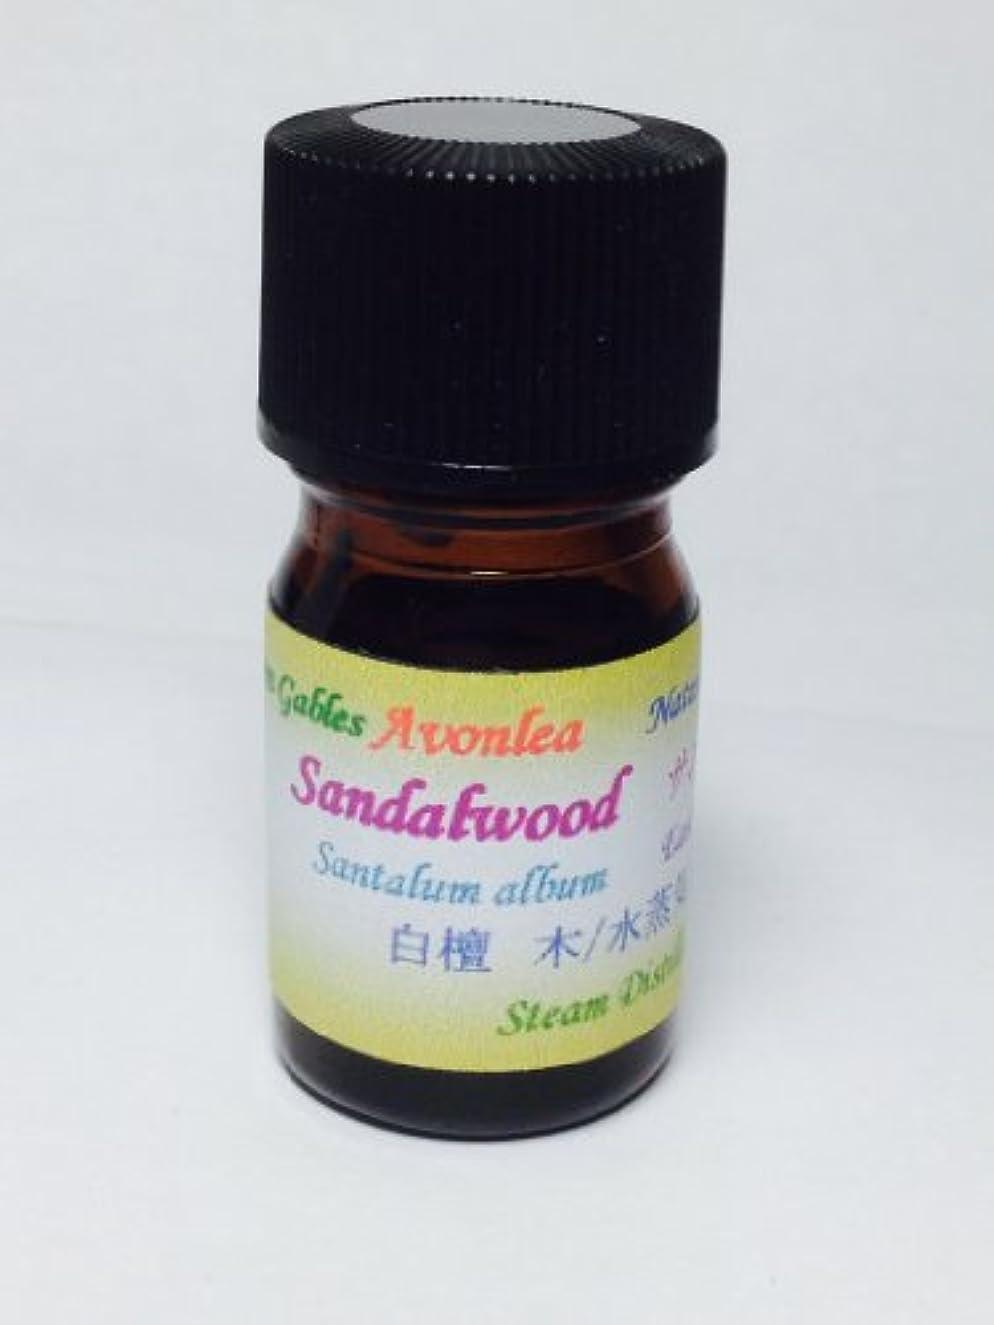 豆特殊不正サンダルウッド マイソール 10ml 超希少天然精油 100% ピュア エッセンシャル オイル